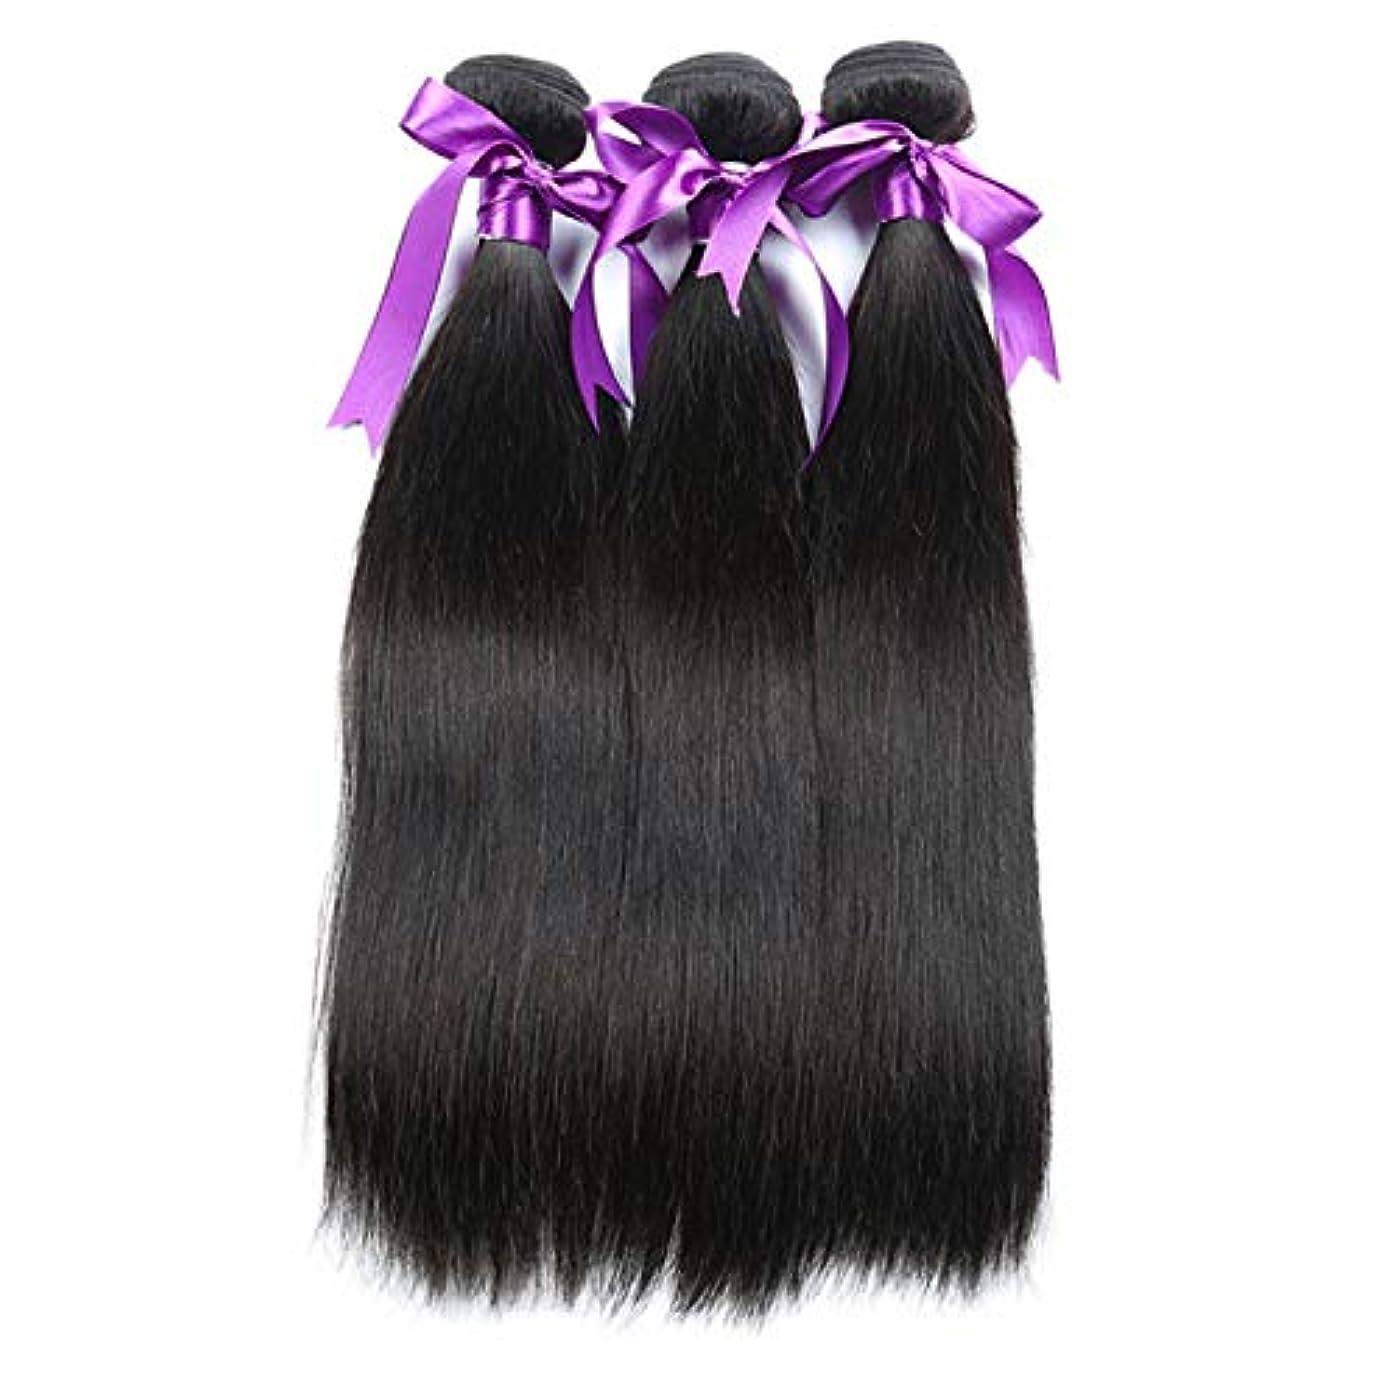 素晴らしき接触絶えずかつら 髪マレーシアストレートヘア3個人間の髪の束非レミーの毛延長8-28インチボディヘアウィッグ (Length : 12 14 16)